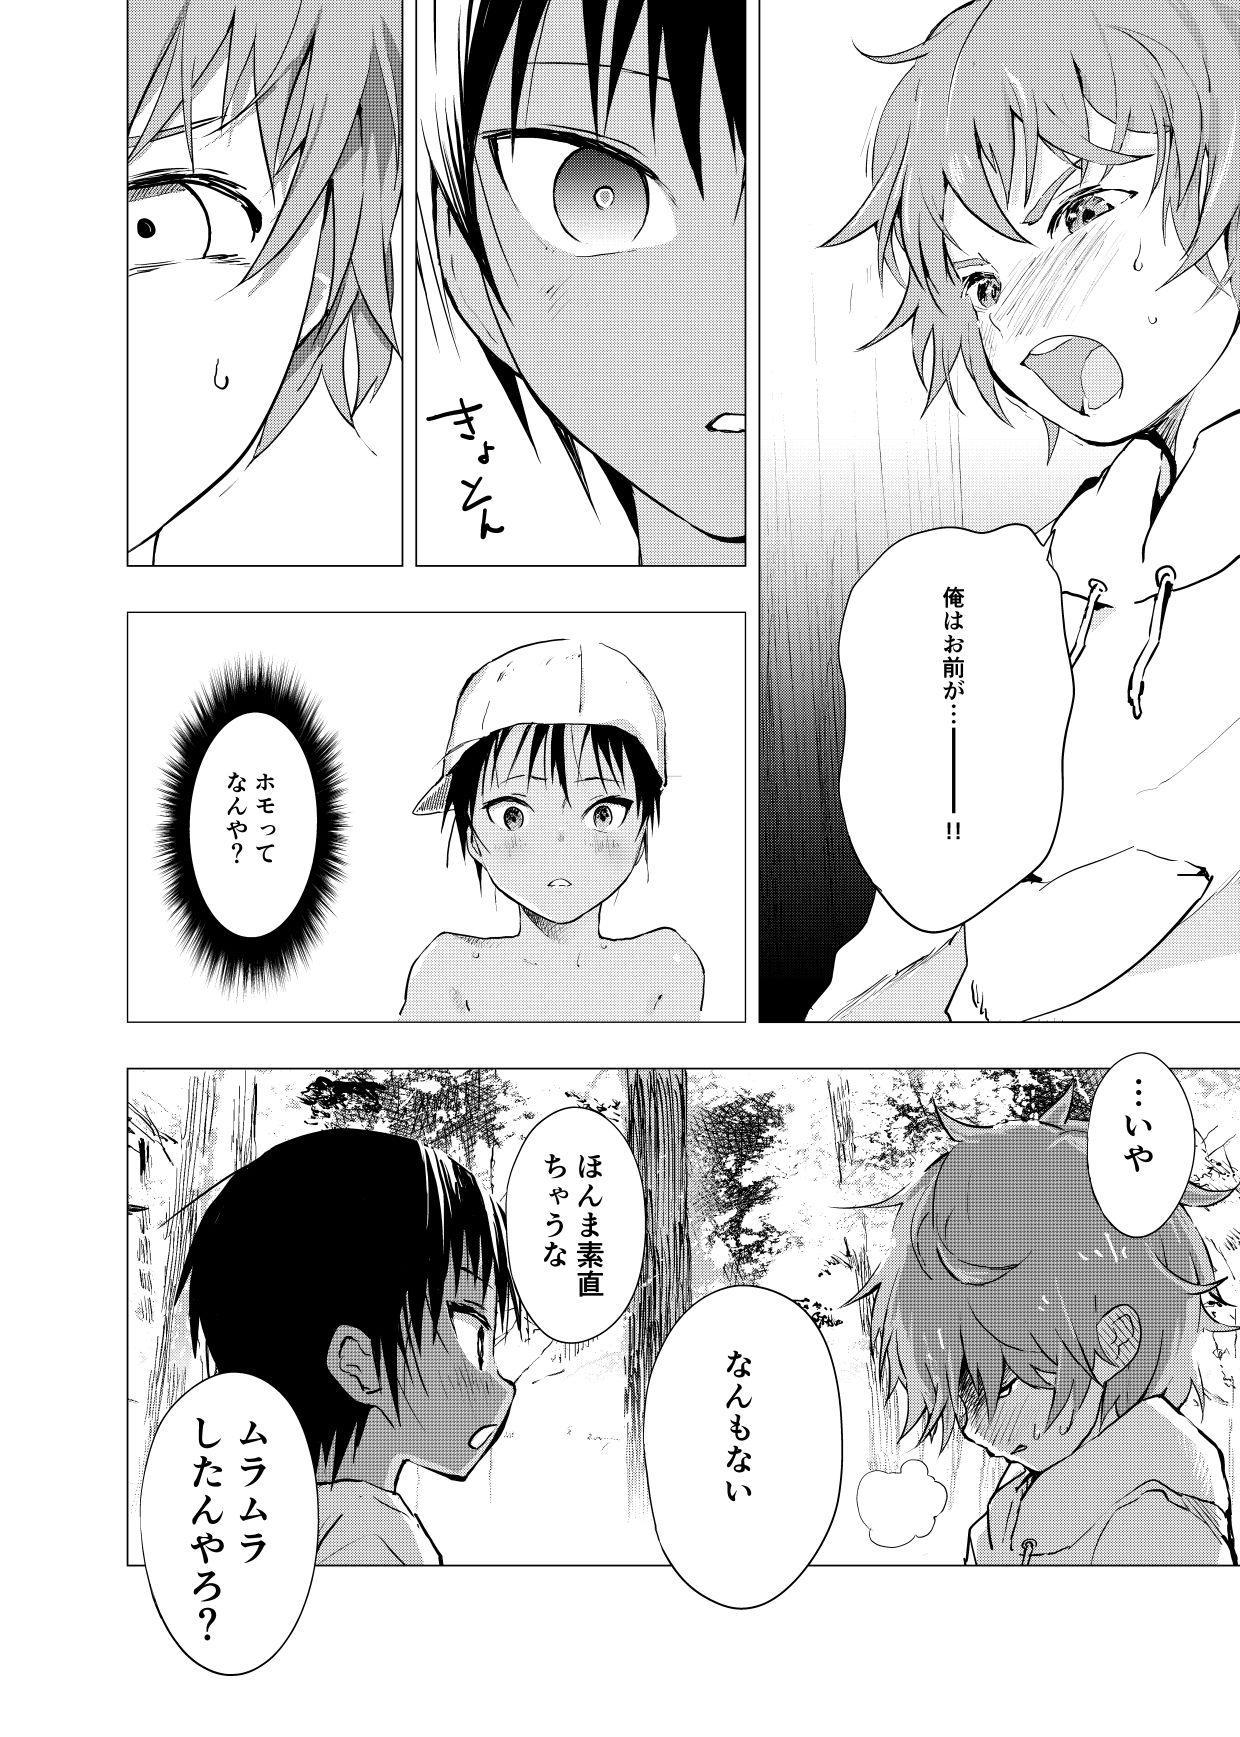 Inaka no Uke Shounen to Tokai no Seme Shounen no Ero Manga 1-6 70